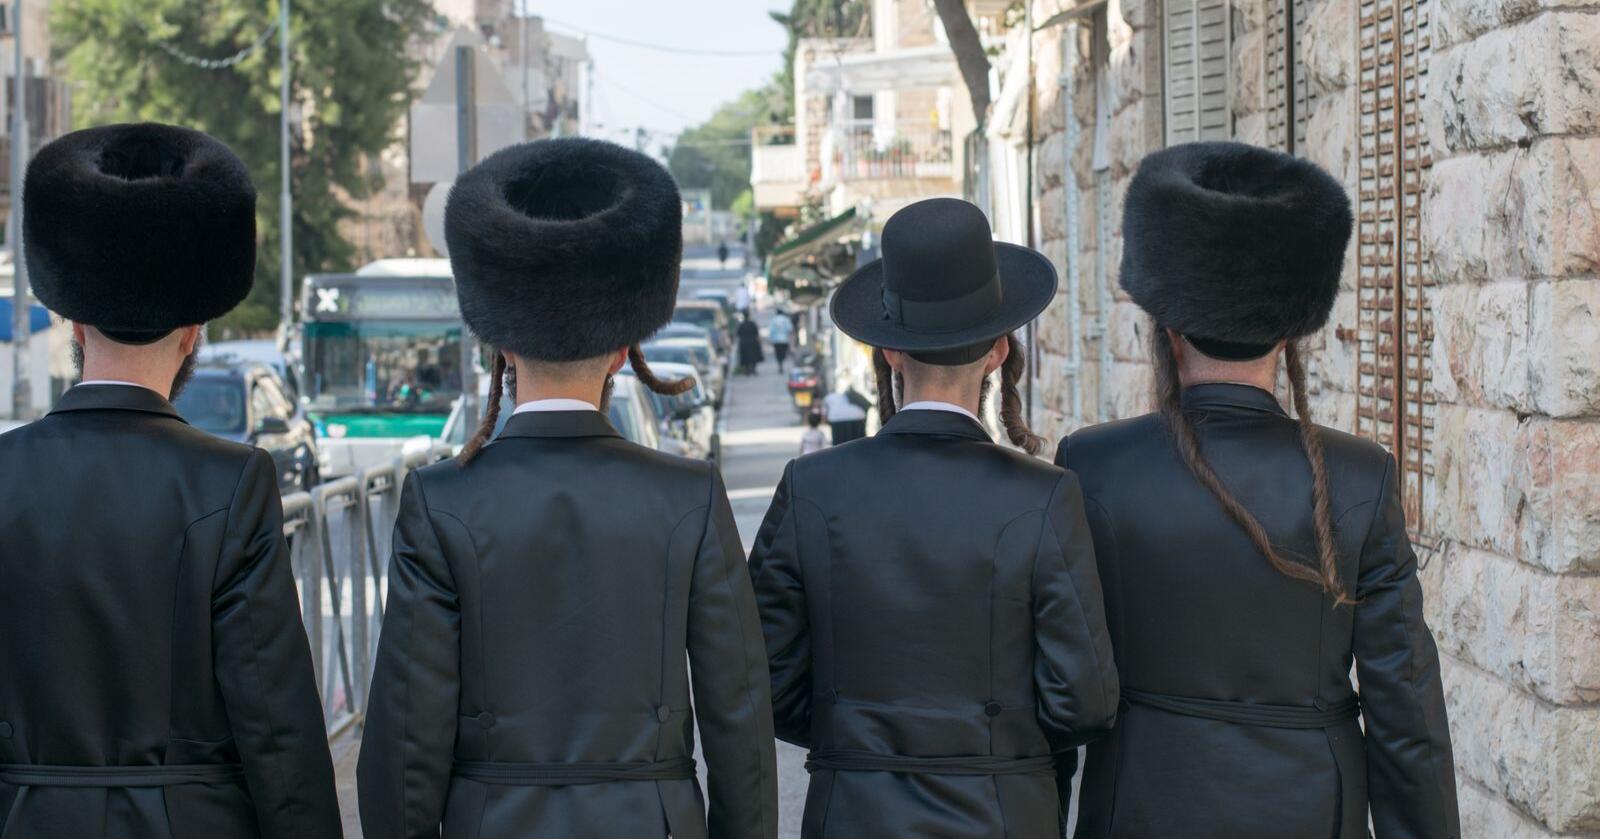 Israel forbyr pels, men kan tillate unntak for religiøse plagg som den runde pelsluen enkelte ortokse grupper bruker, shtreimel. Foto: Shutterstock